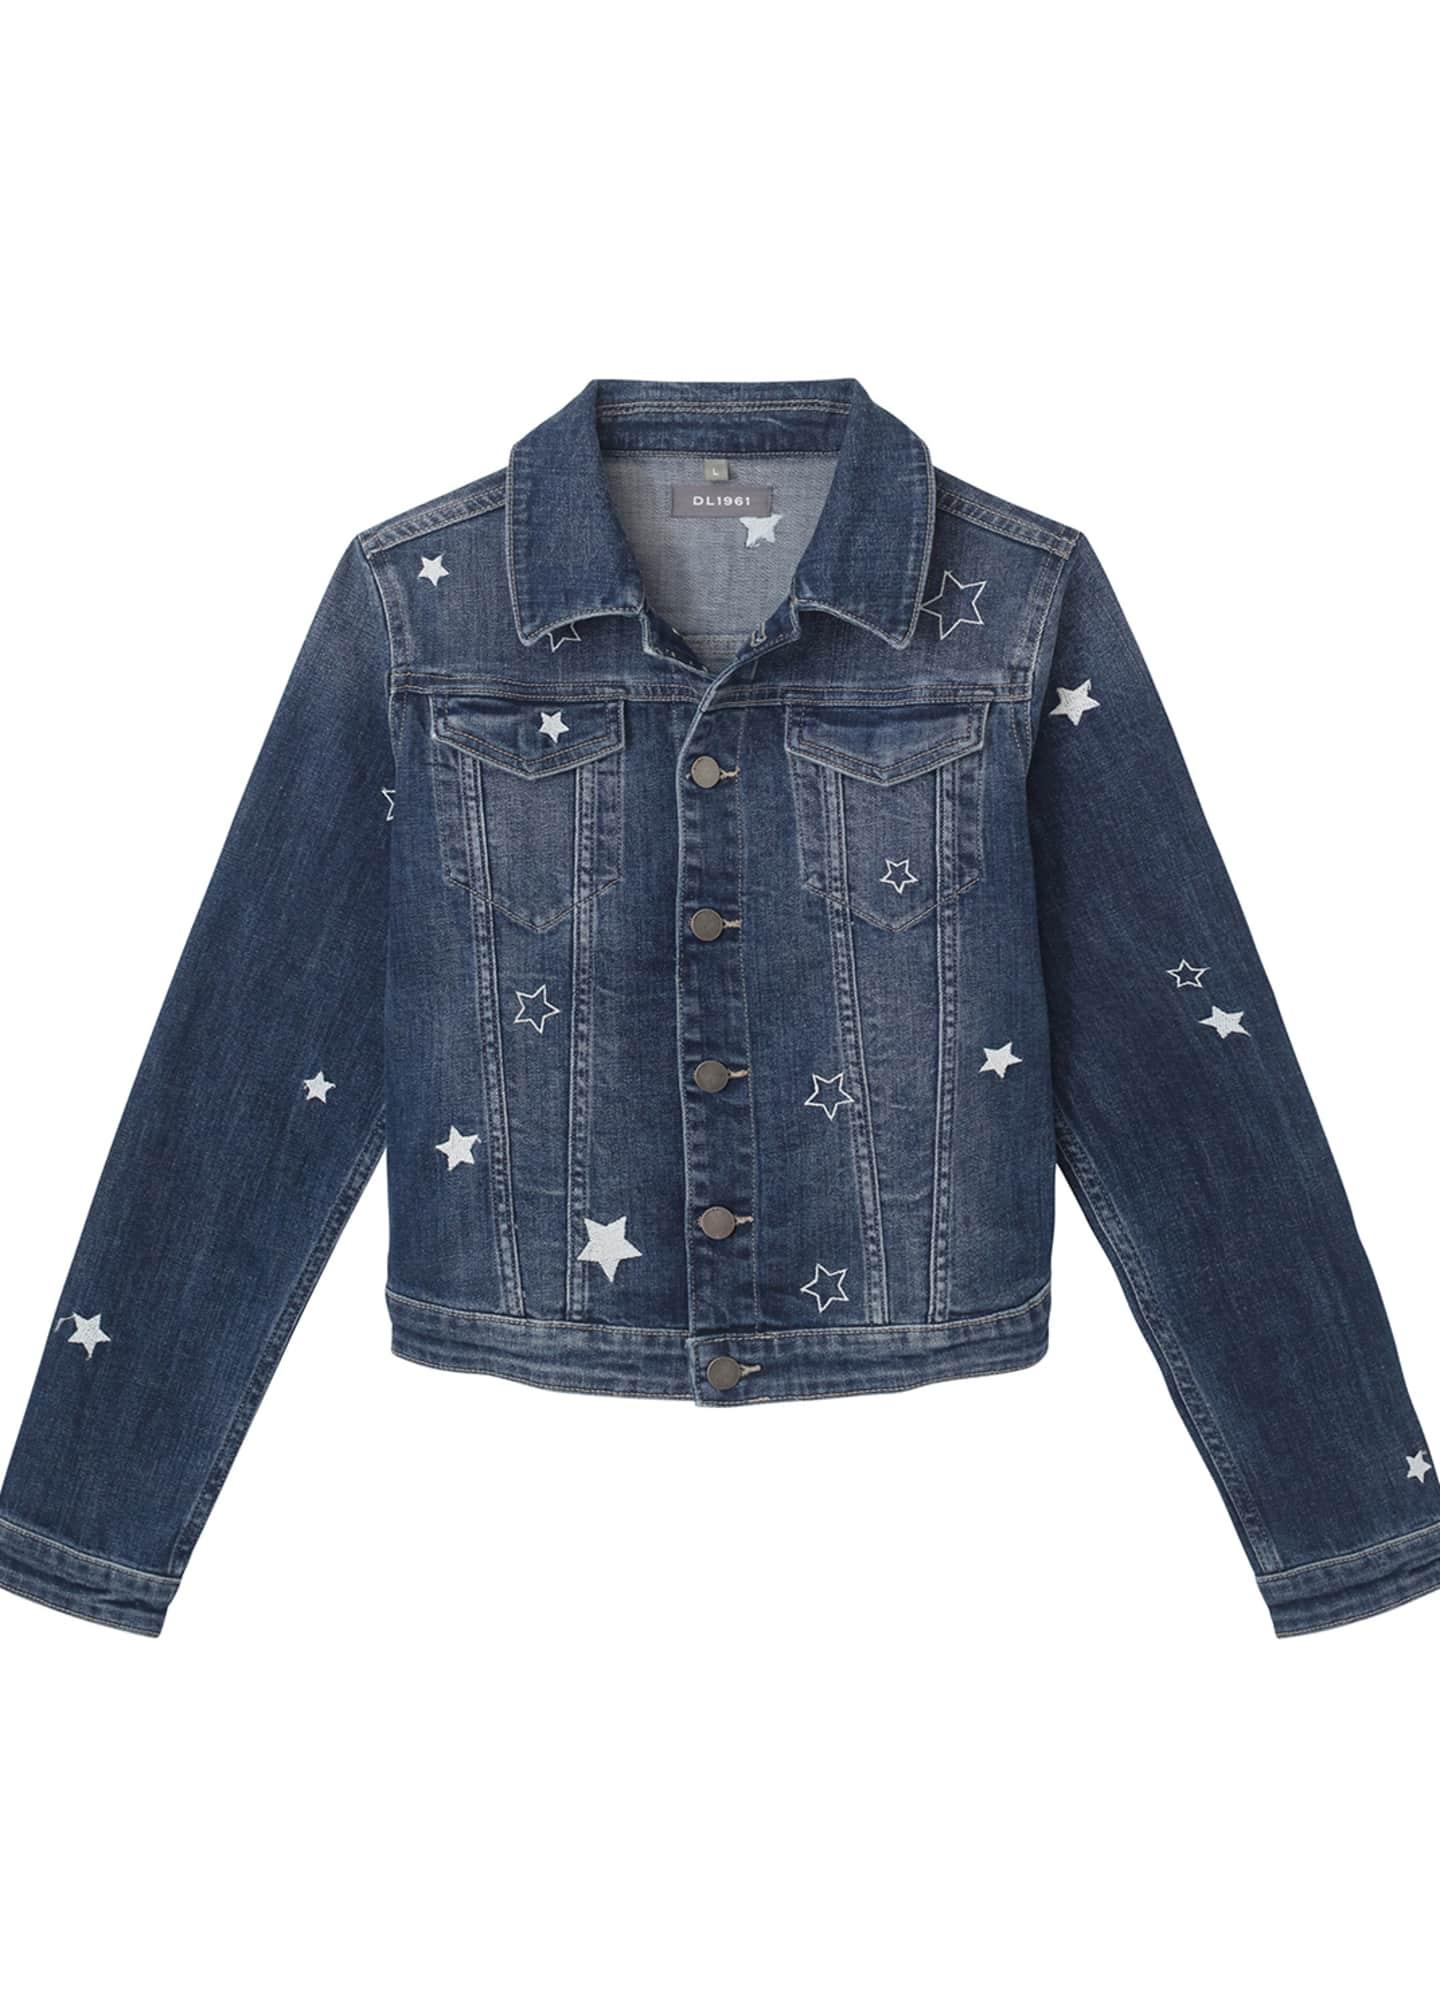 DL1961 Premium Denim Girl's Manning Star Embroidered Denim